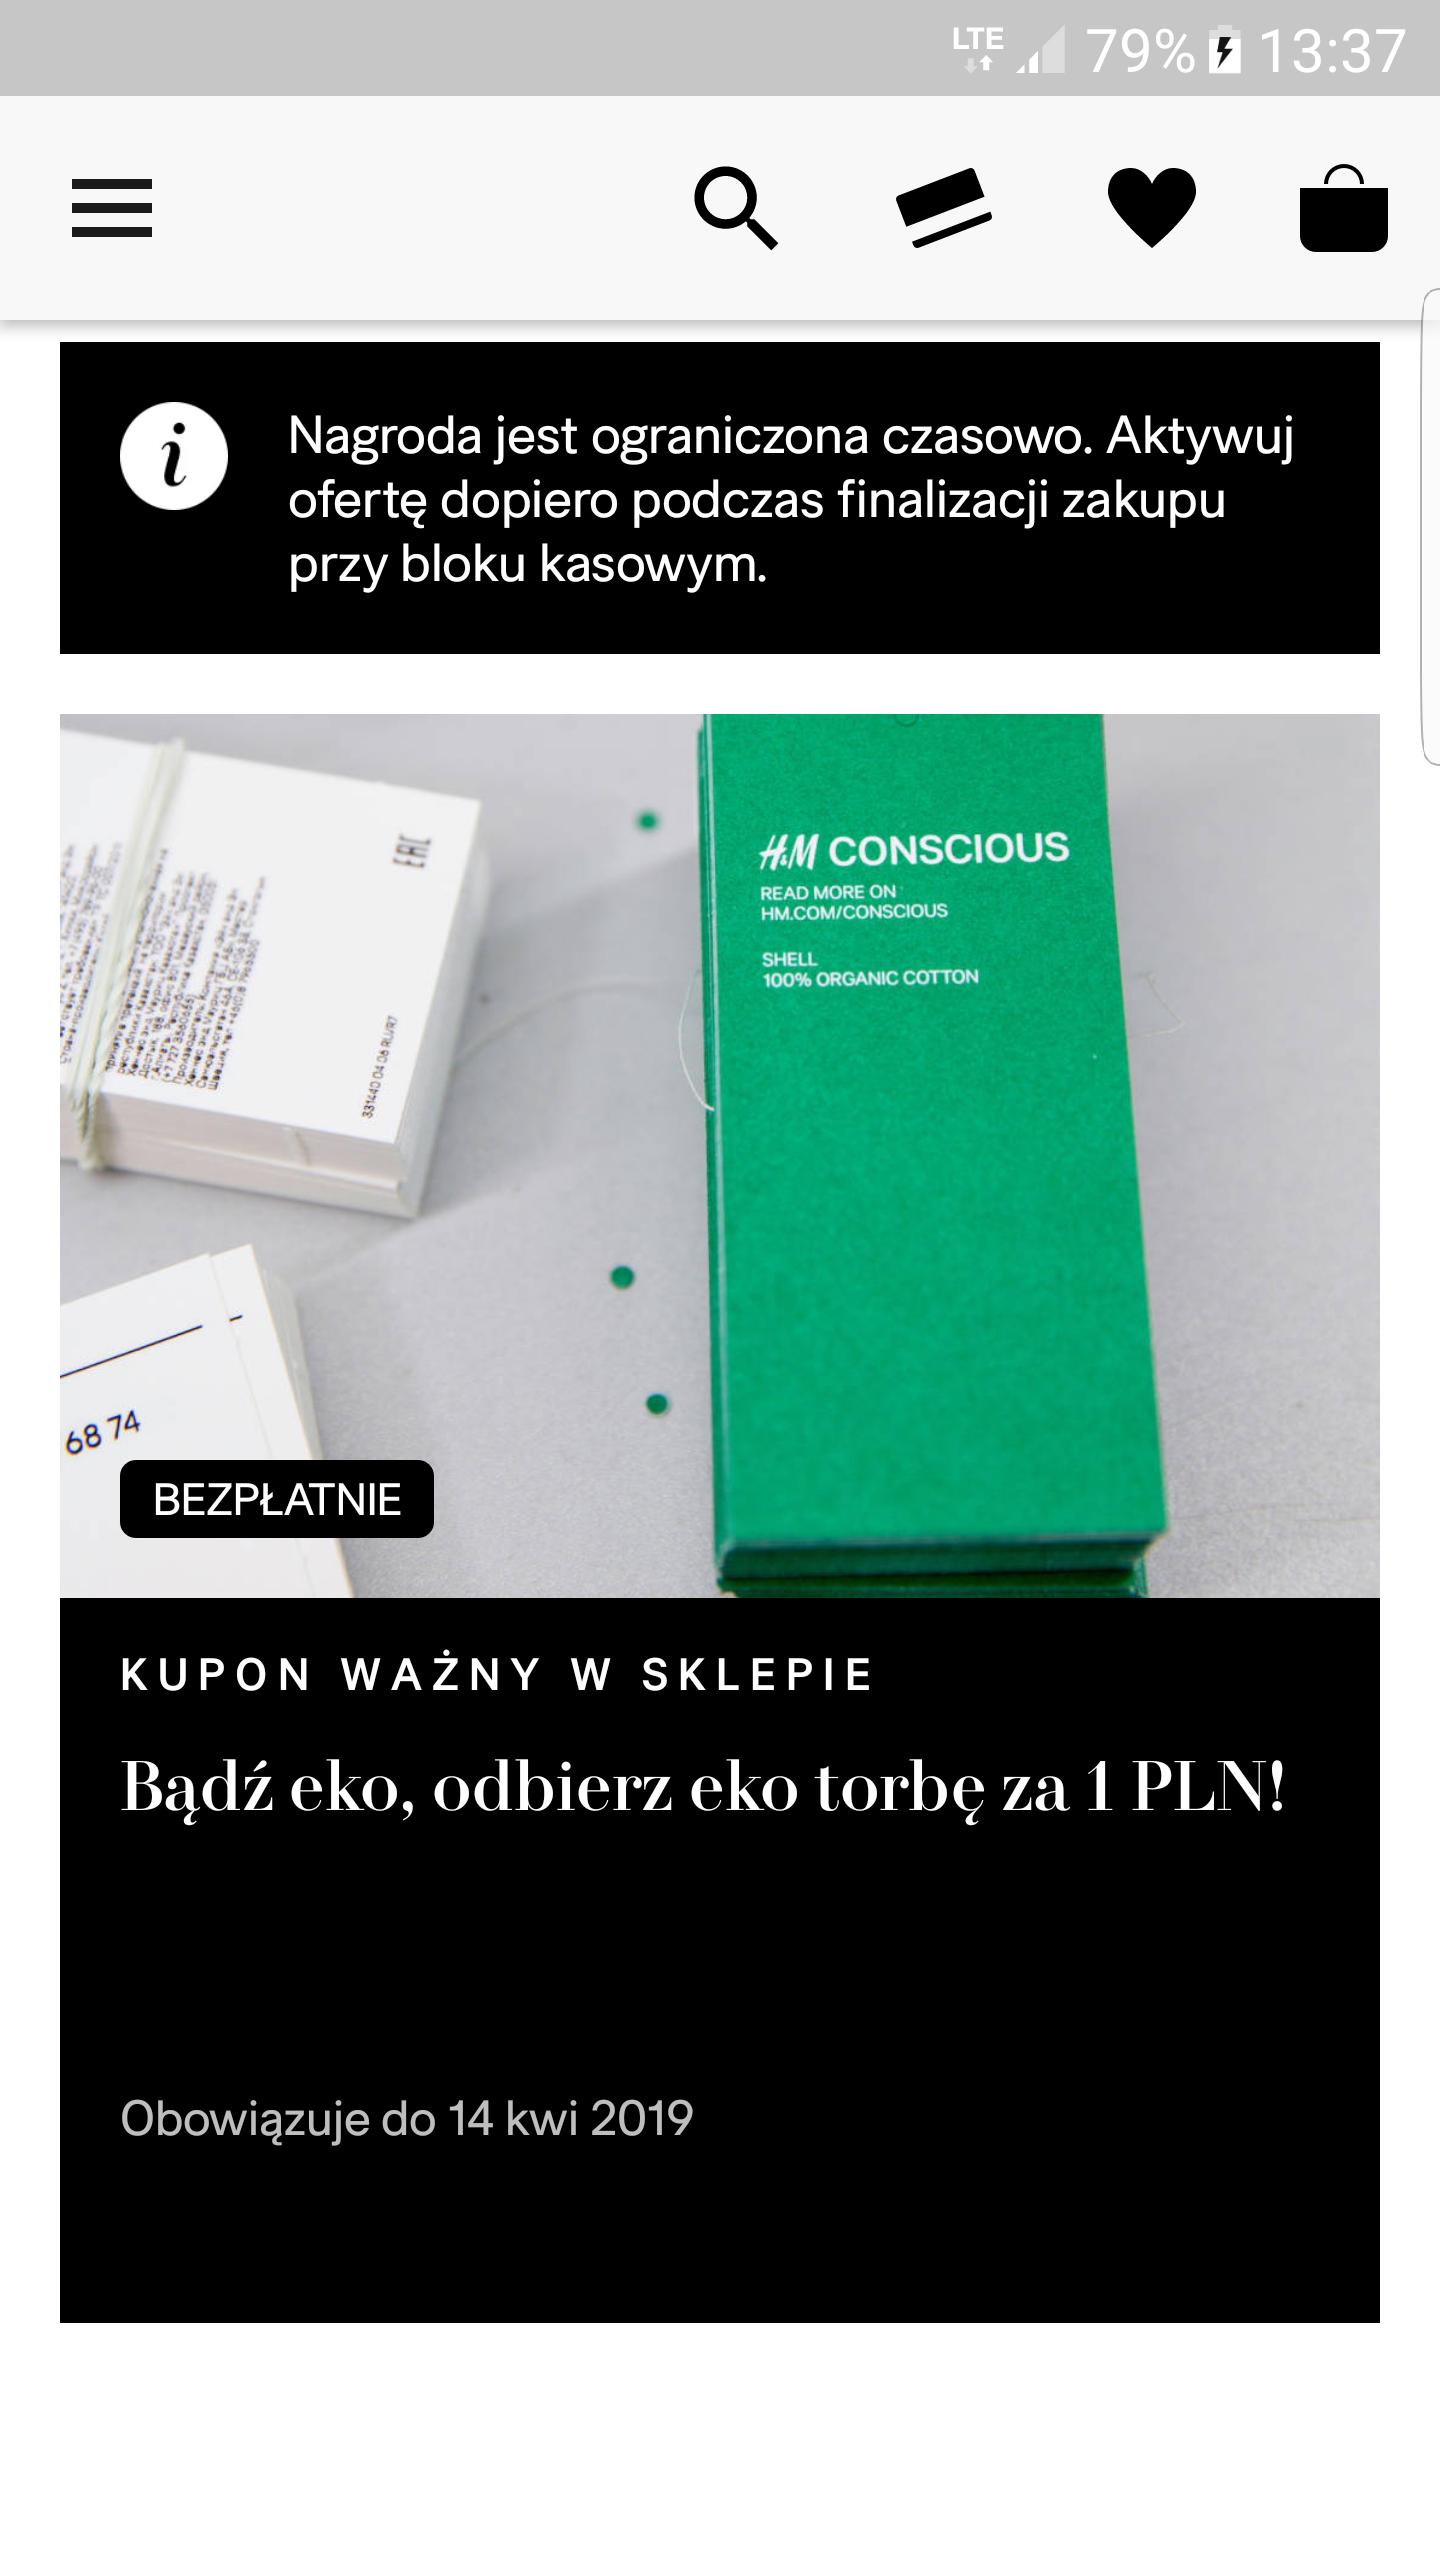 H&M akcja bądź Eko, odbierz eko torbę za 1zł